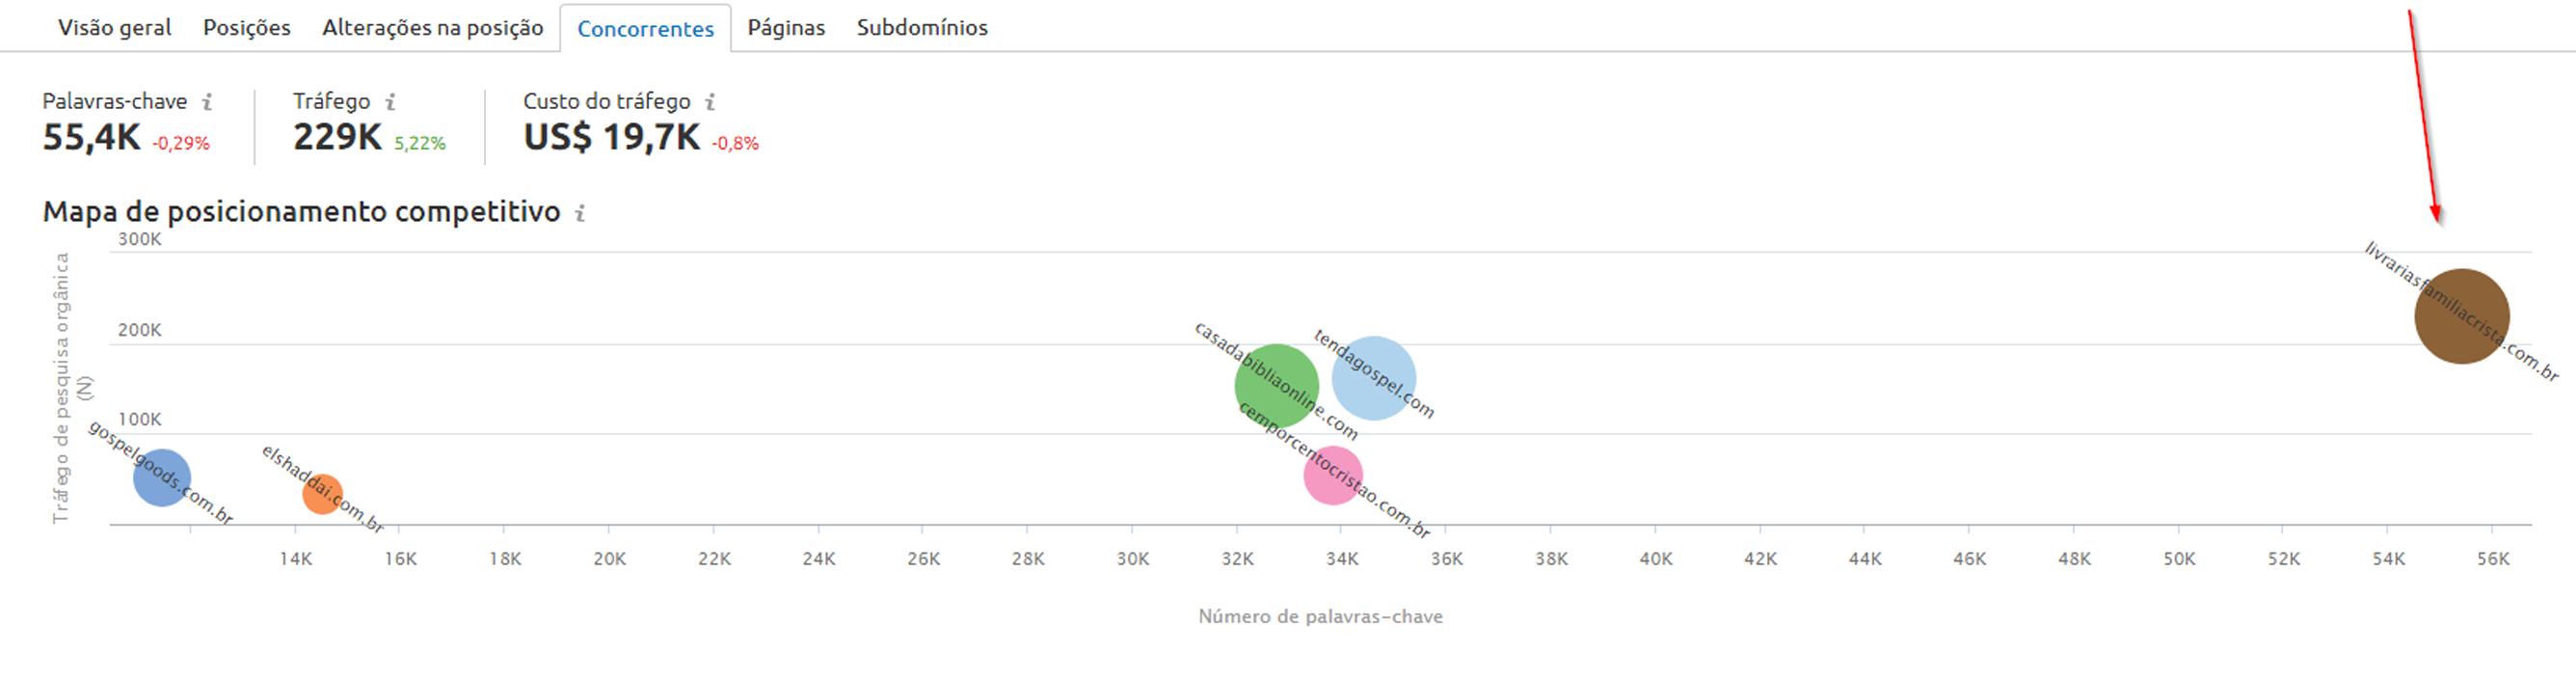 Representação do destaque dos concorrentes em indexação de palavra-chave e ranqueamento orgânico, após contratar a plataforma de e-commerce Bis2Bis